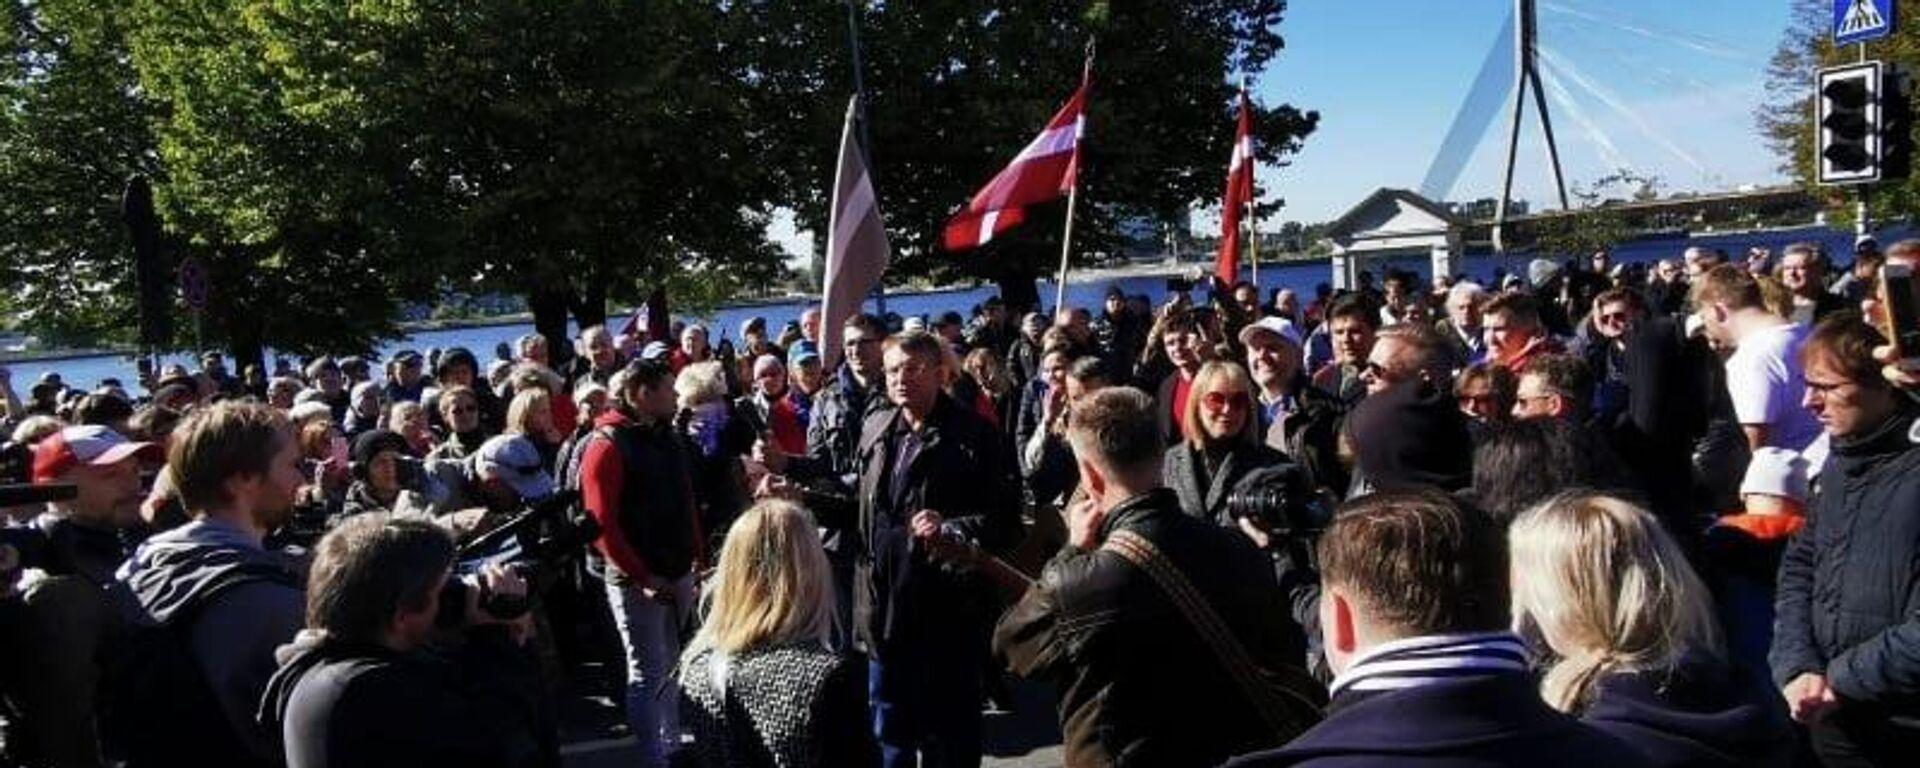 Protesta akcija pie Rīgas pils - Sputnik Latvija, 1920, 27.09.2021